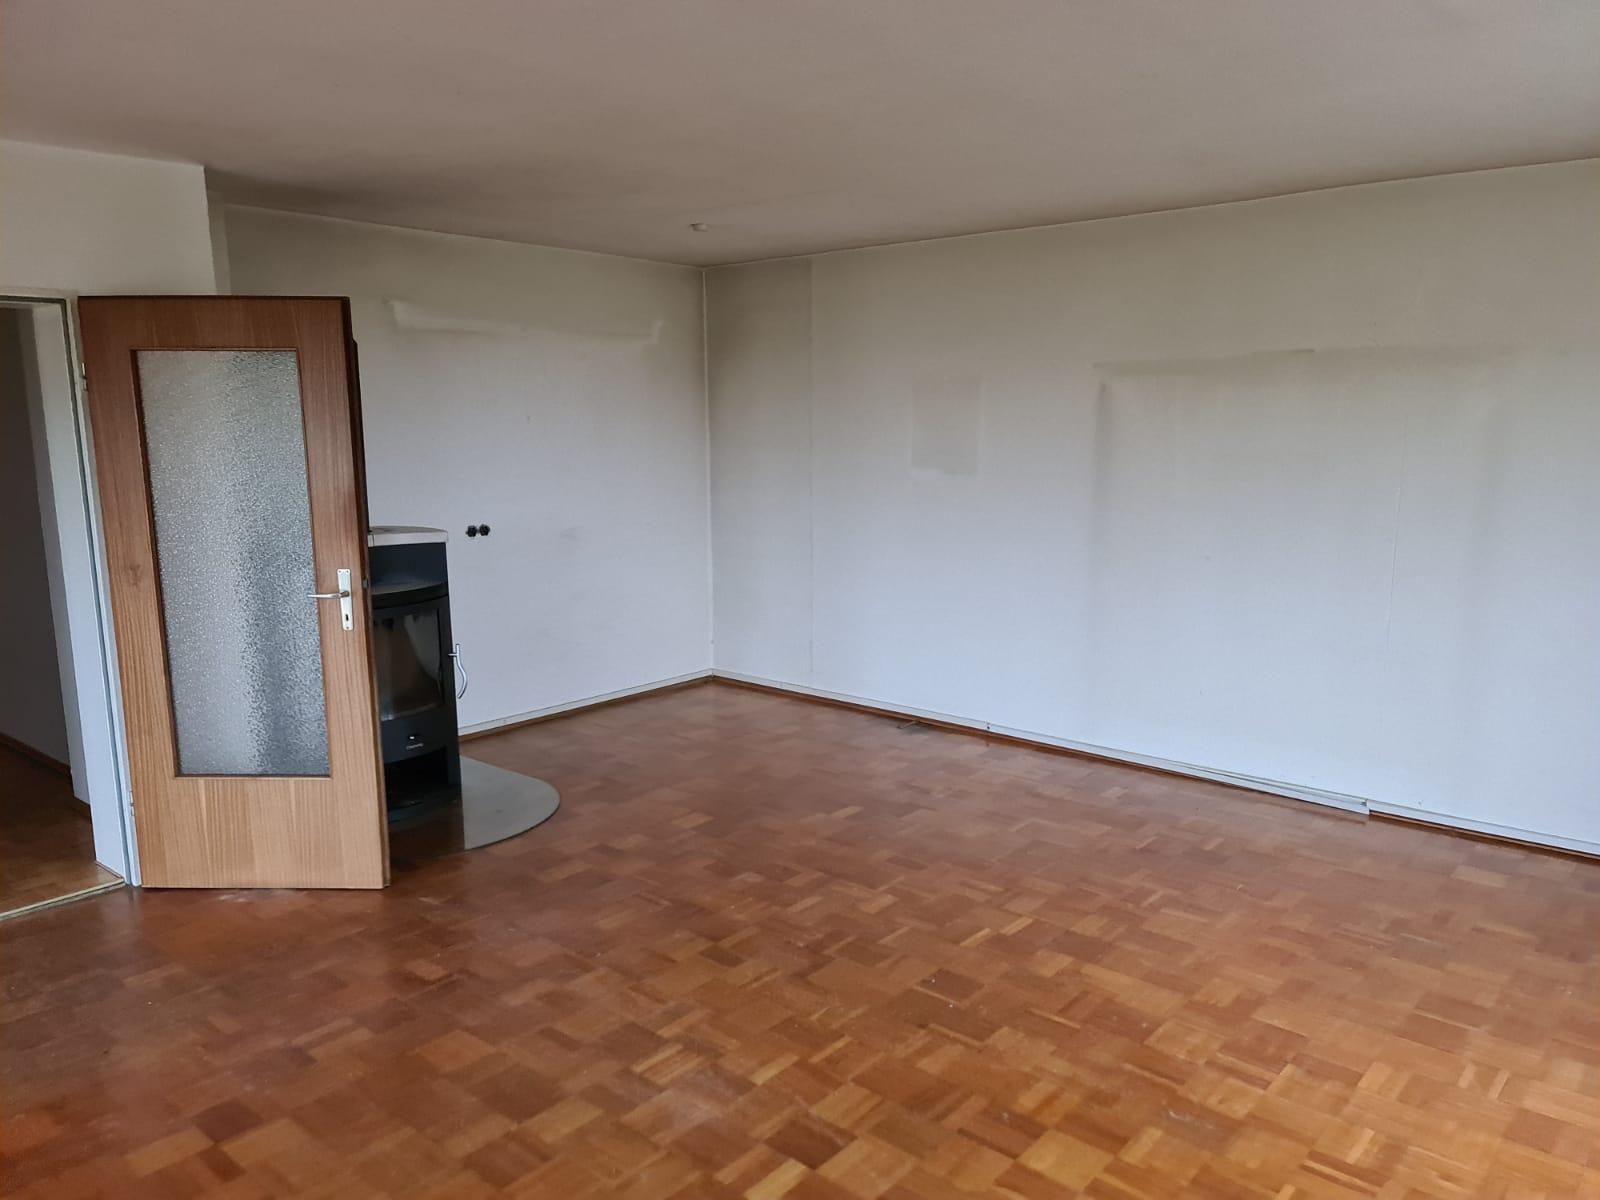 Wohnungsauflösung in Irschenberg